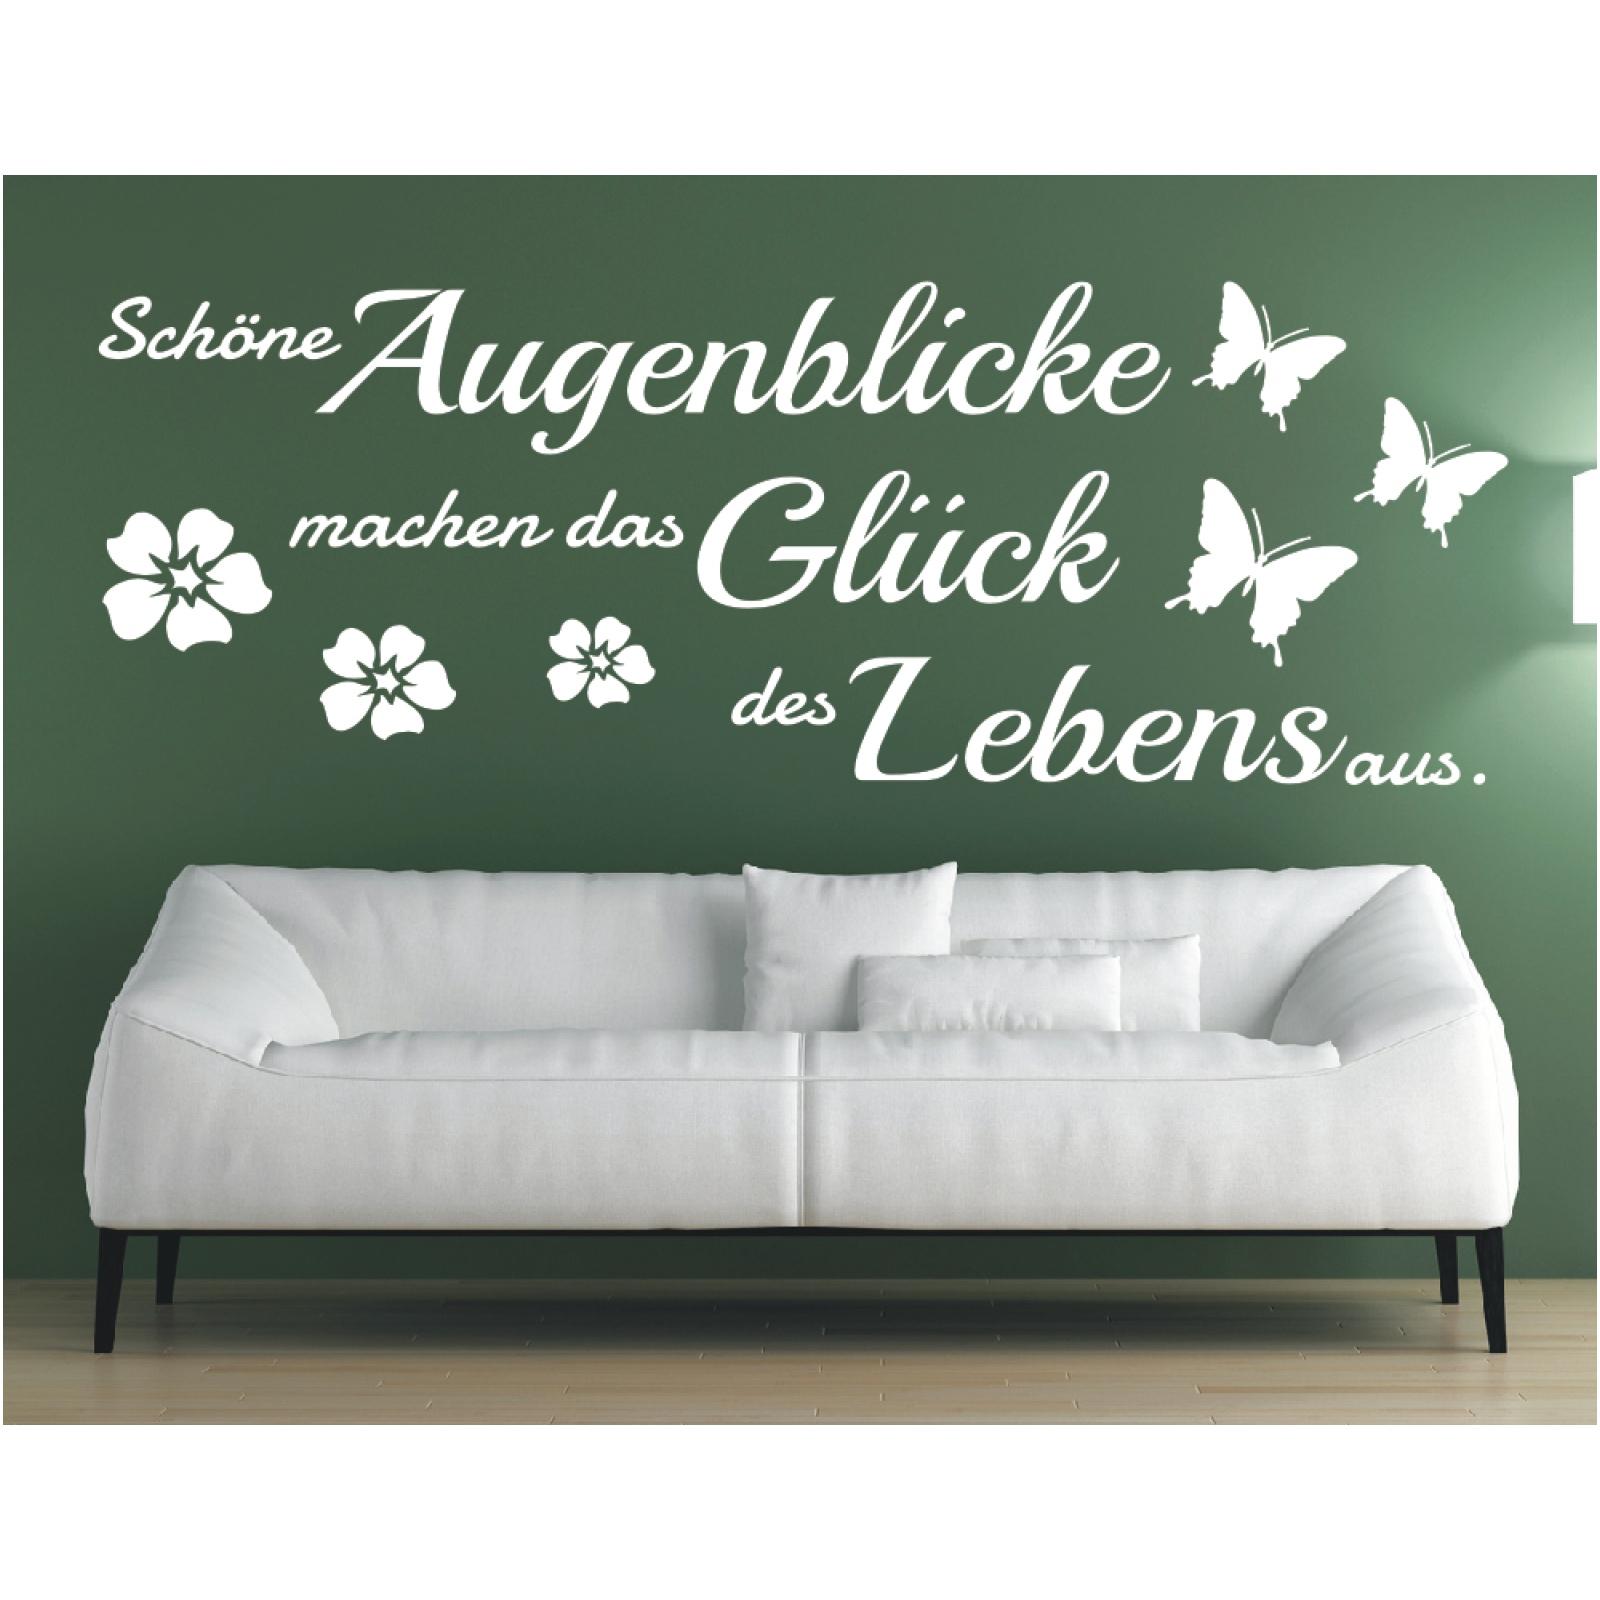 Fascinating Sprüche über Das Glück Collection Of Bild Wird Geladen Wandtattoo-spruch-schoene-augenblicke-das-glueck -leben-wandaufkleber-